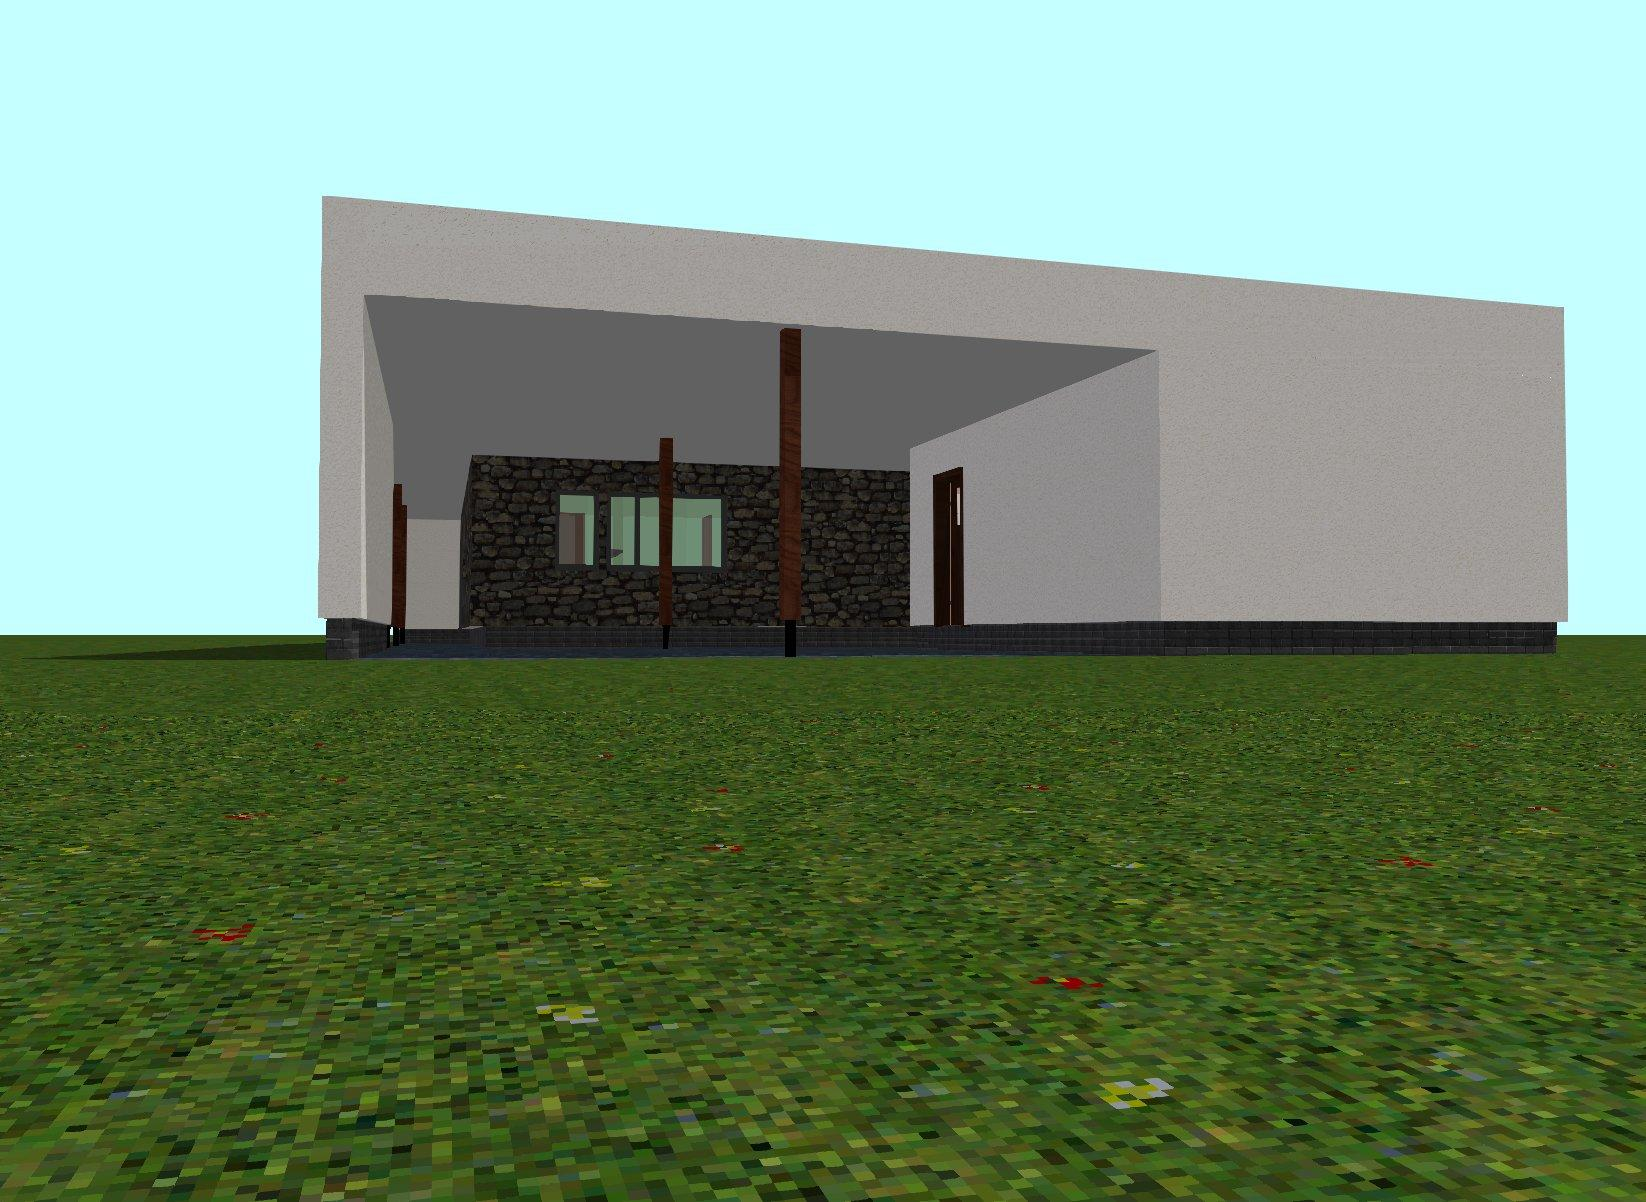 Projekt RD - dřevostavba, fma Celet s. r. o. - Obrázek č. 4